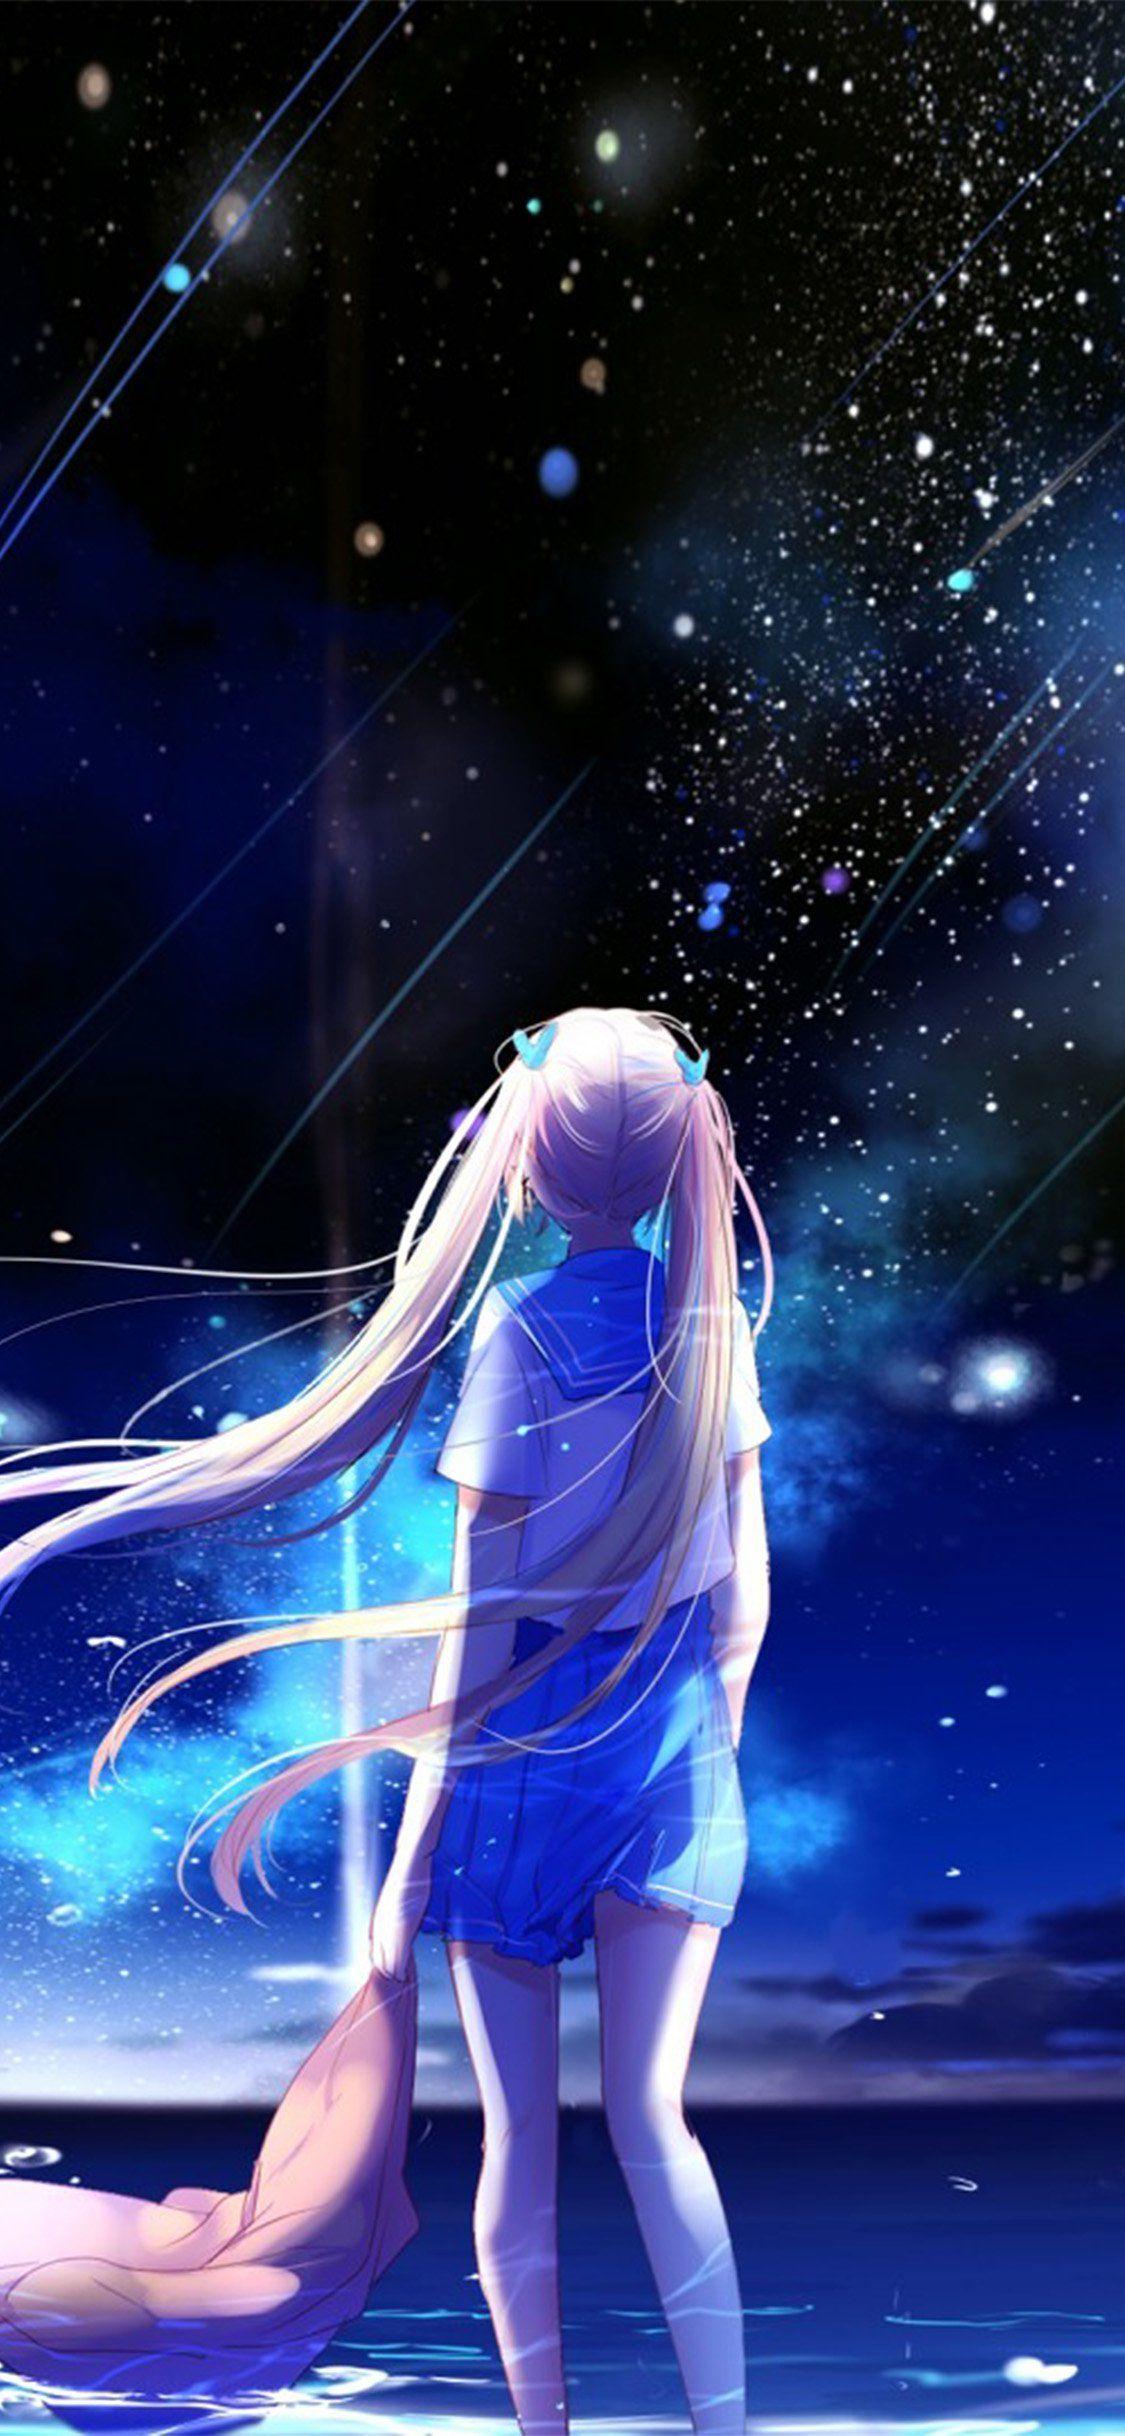 Épinglé par Э. Төгөлдөр sur Anime Art étoiles, Dessins